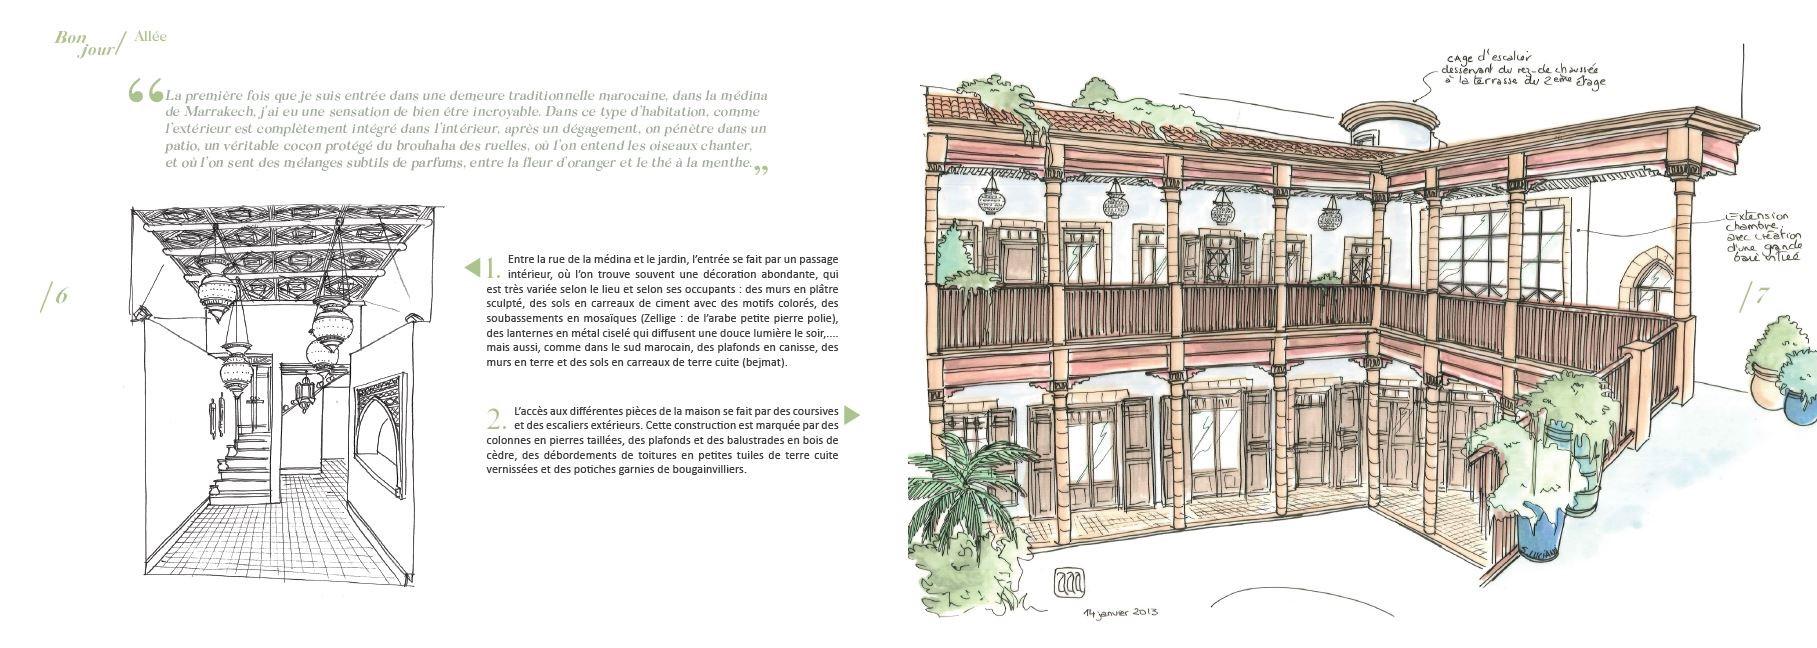 Illustrations et croquis d'architecture